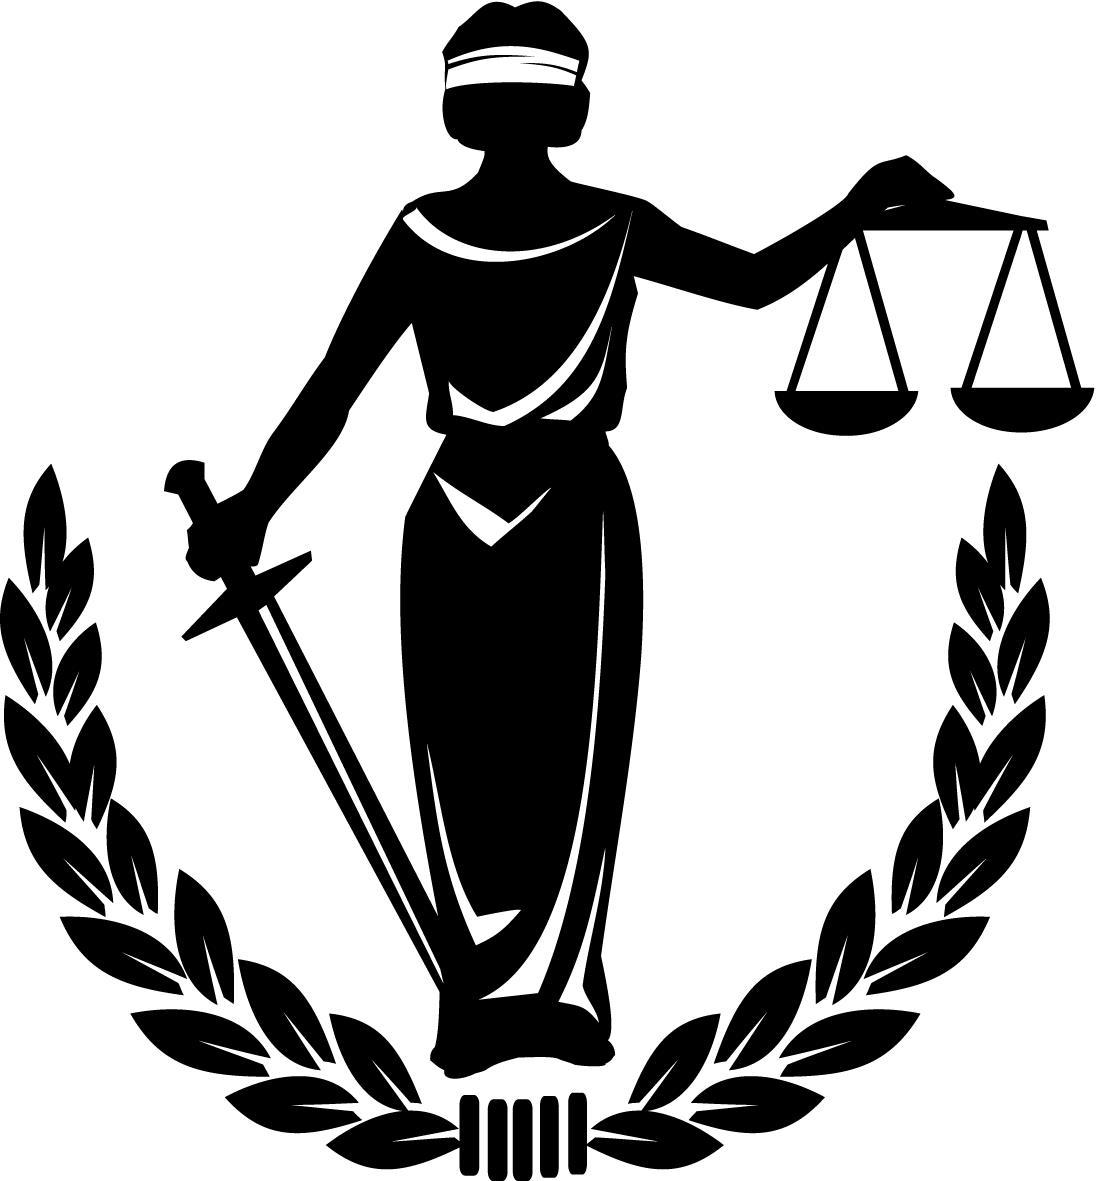 http://cdn.obsidianportal.com/assets/58867/justice2.jpg